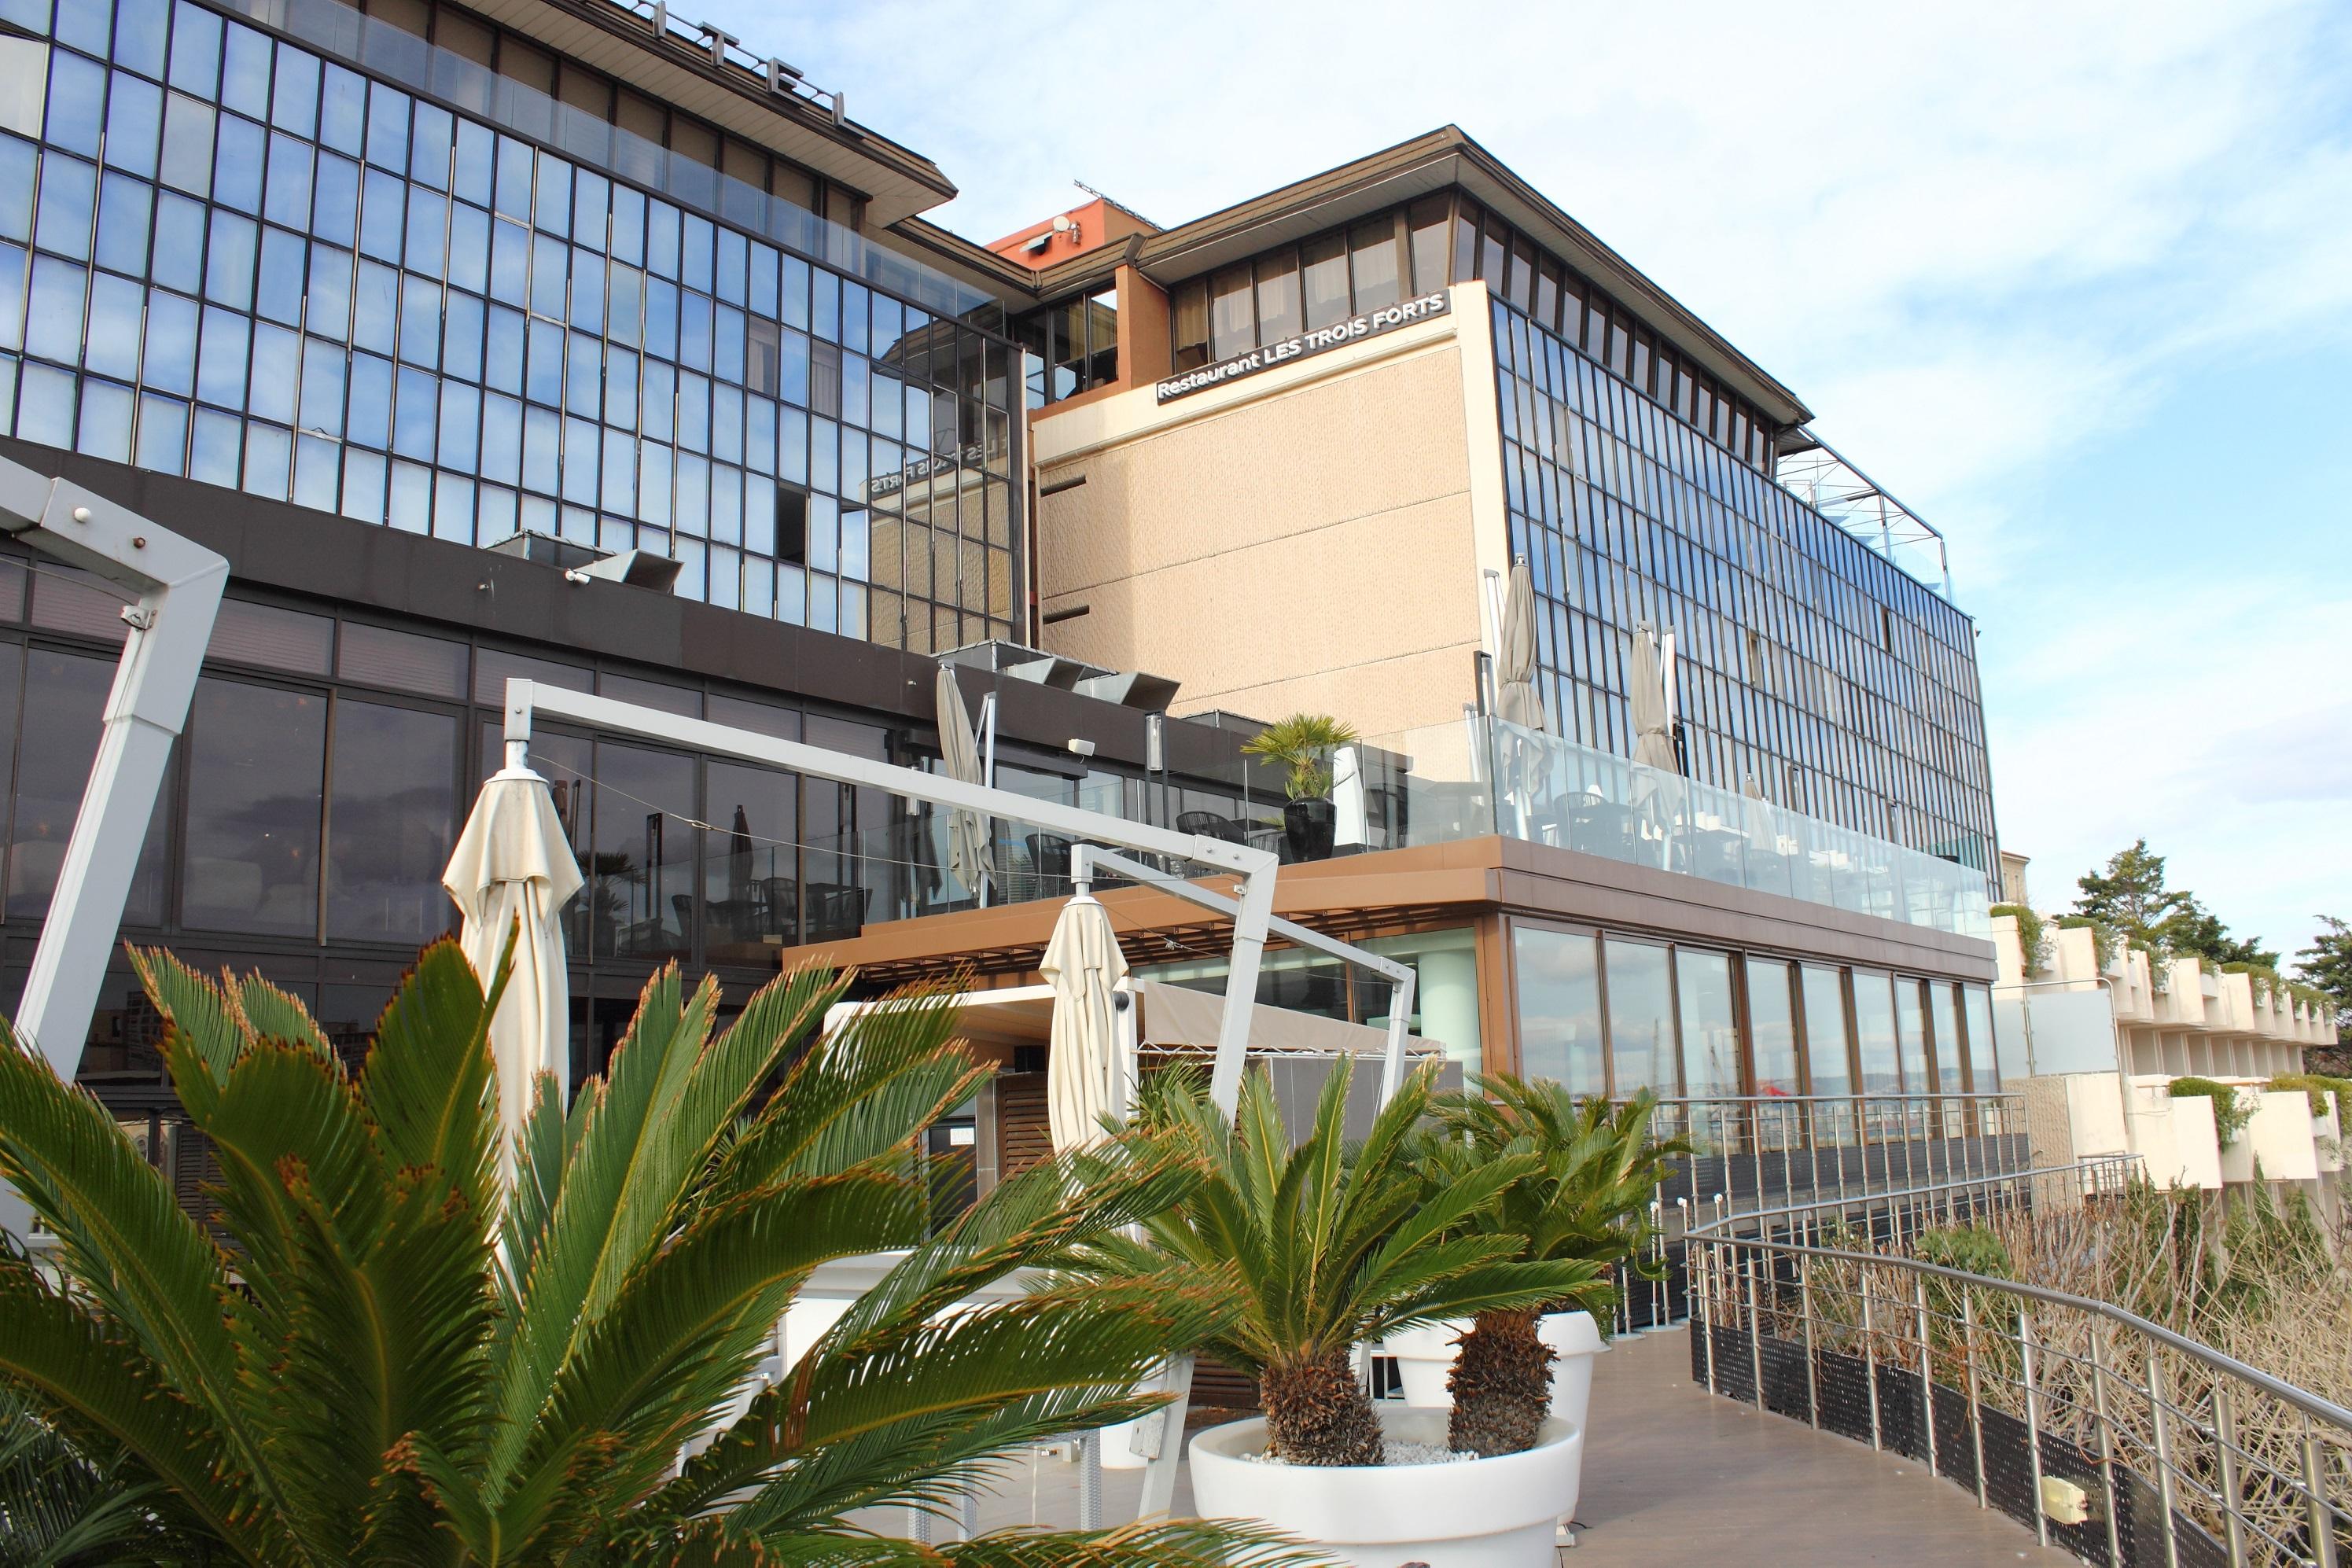 Hotel review novotel marseille vieux port style over function - Novotel vieux port marseille ...